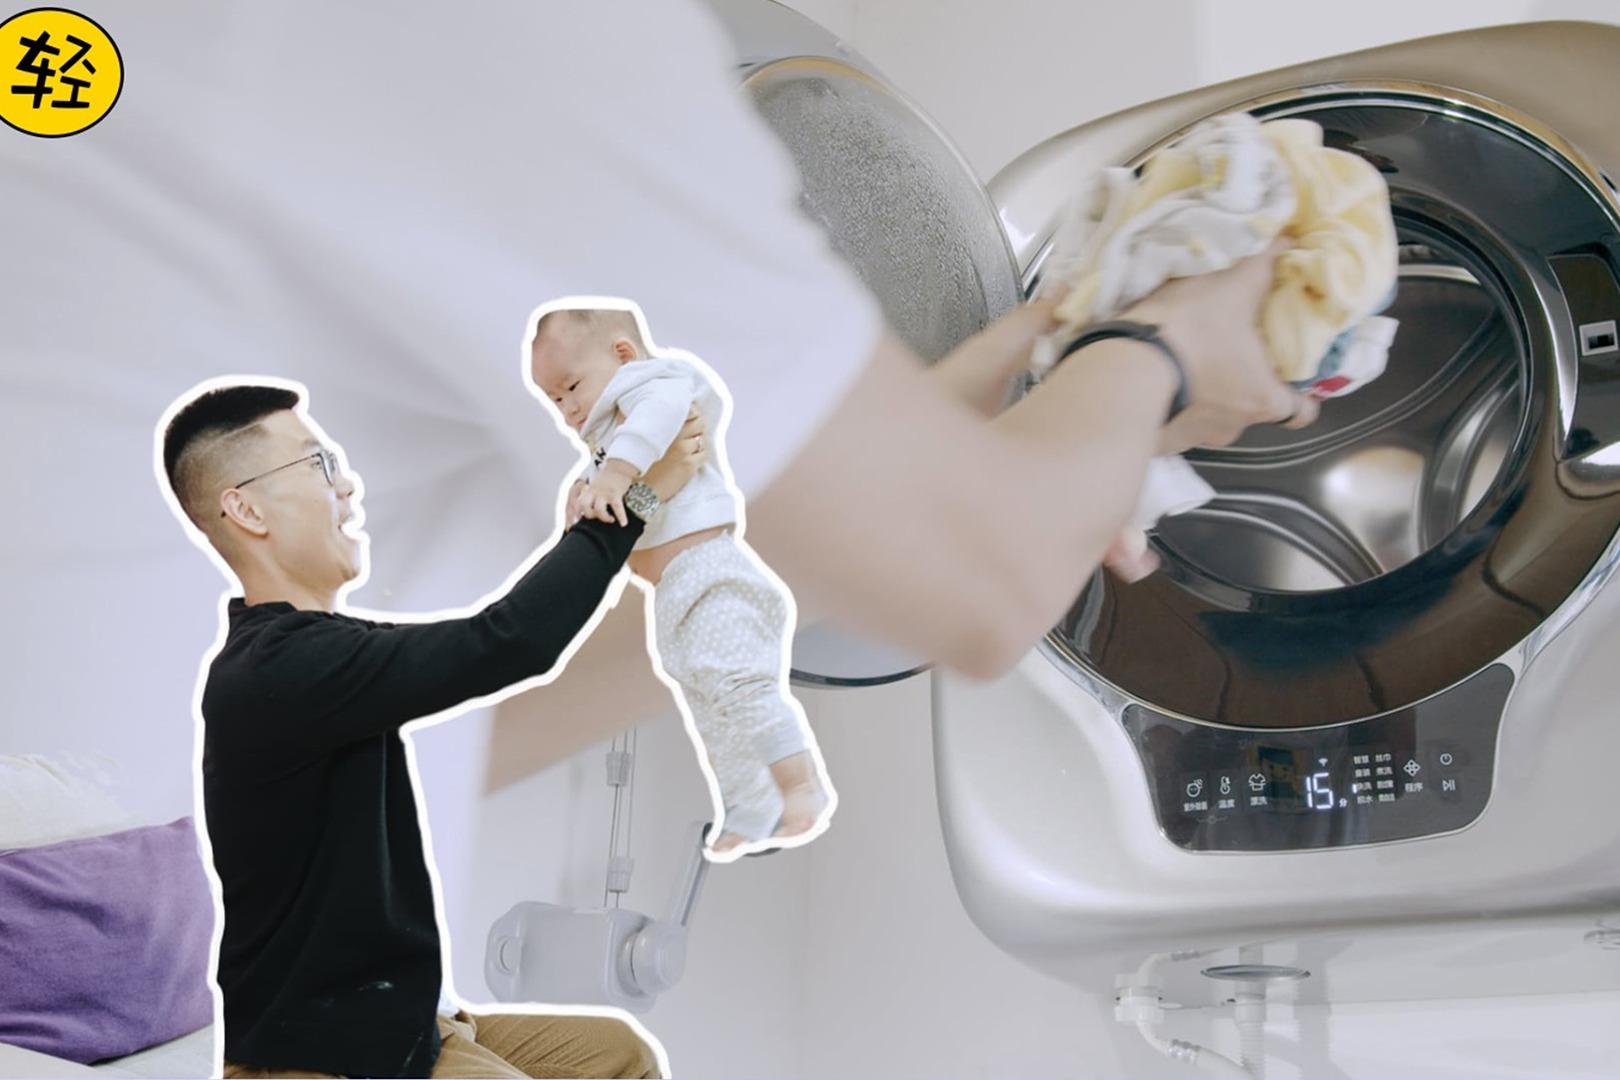 新晋奶爸的好物分享,海尔迷你壁挂洗衣机体验